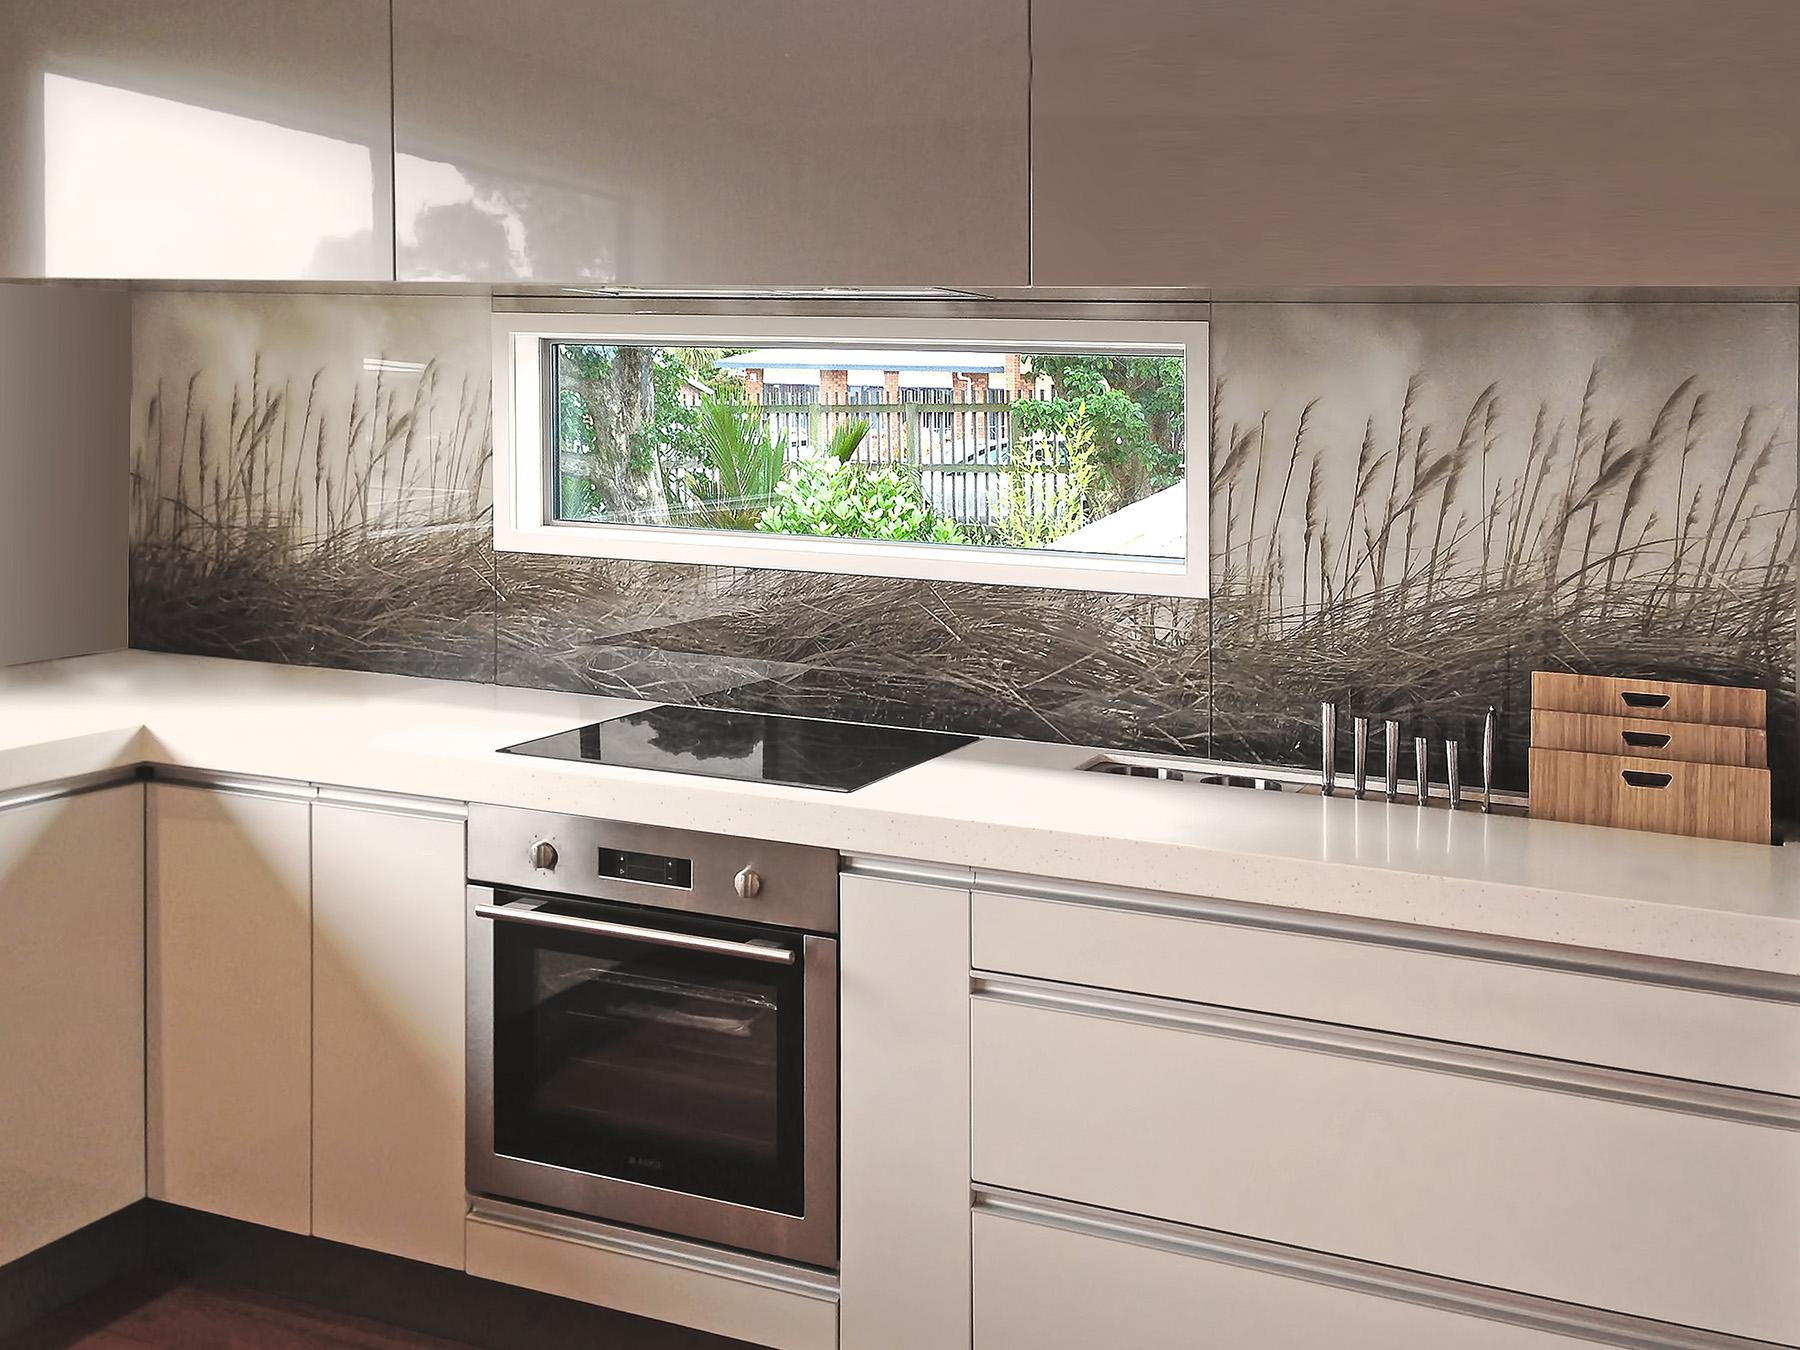 kitchen studio new plymouth Toi Toi  low res.jpg